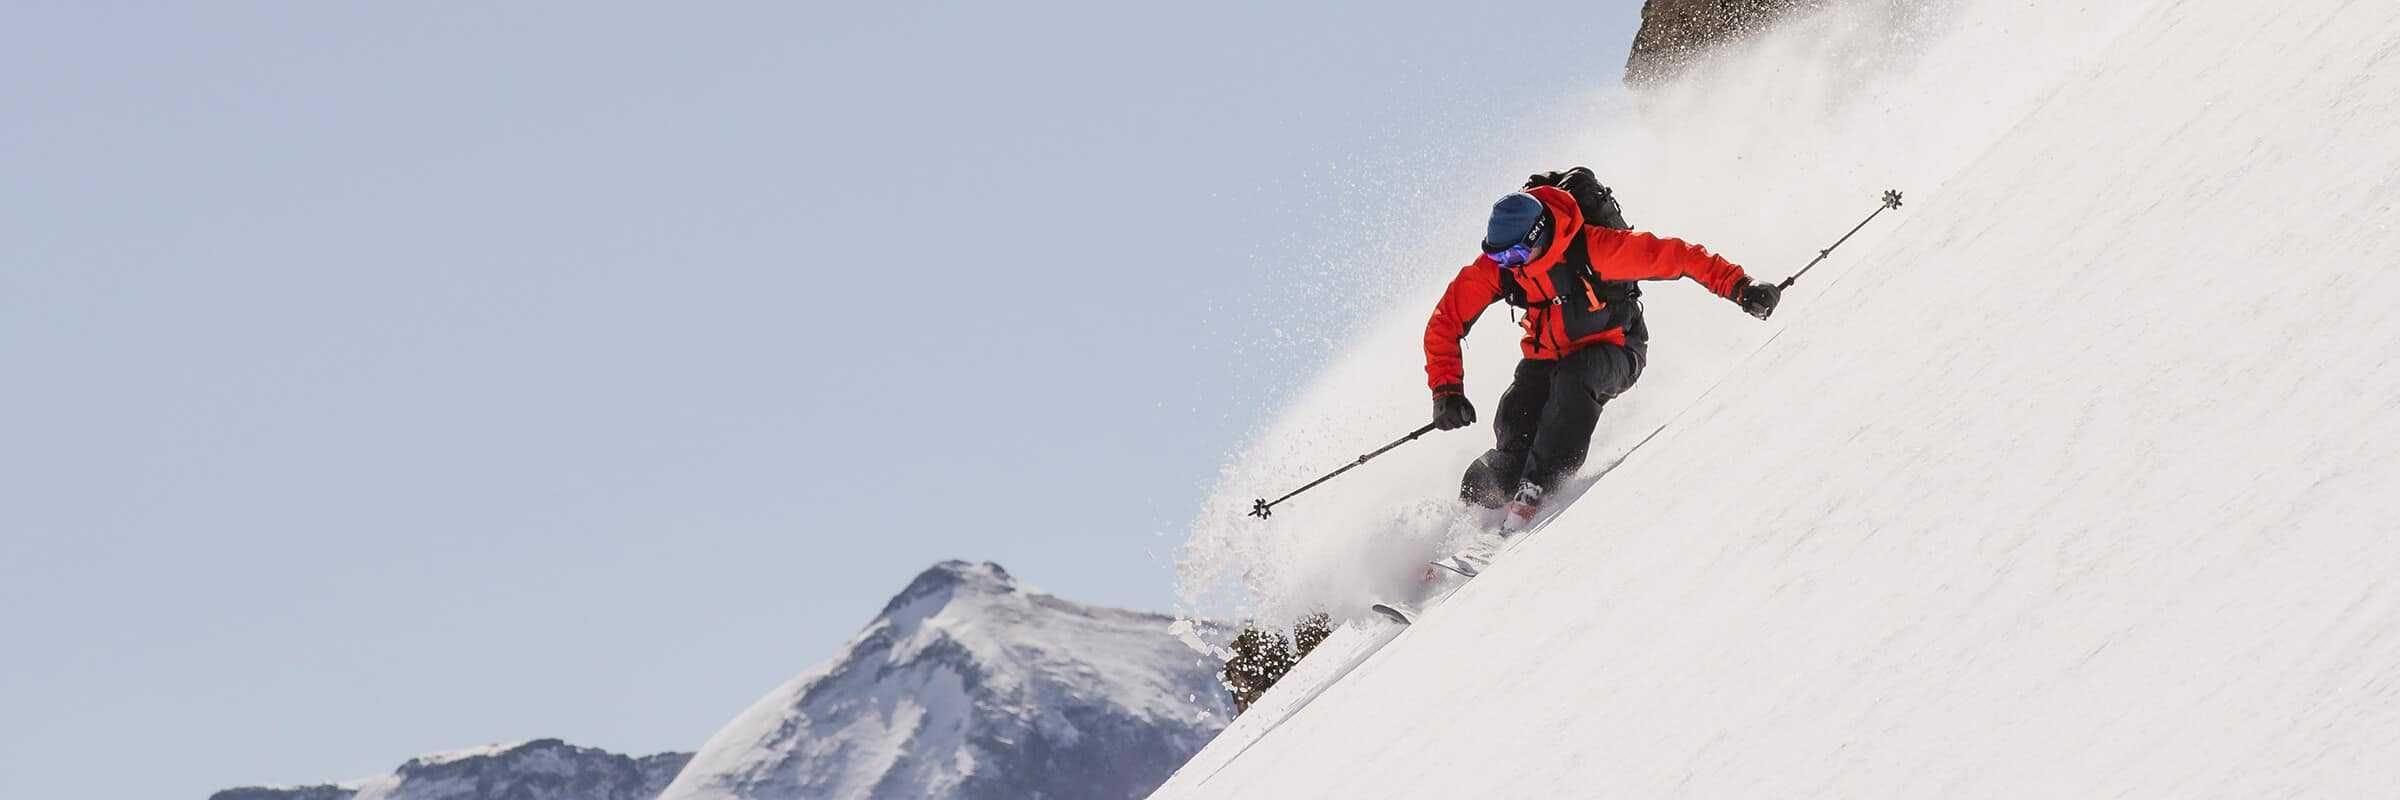 Les meilleurs pantalons de ski pour l'hiver 2021